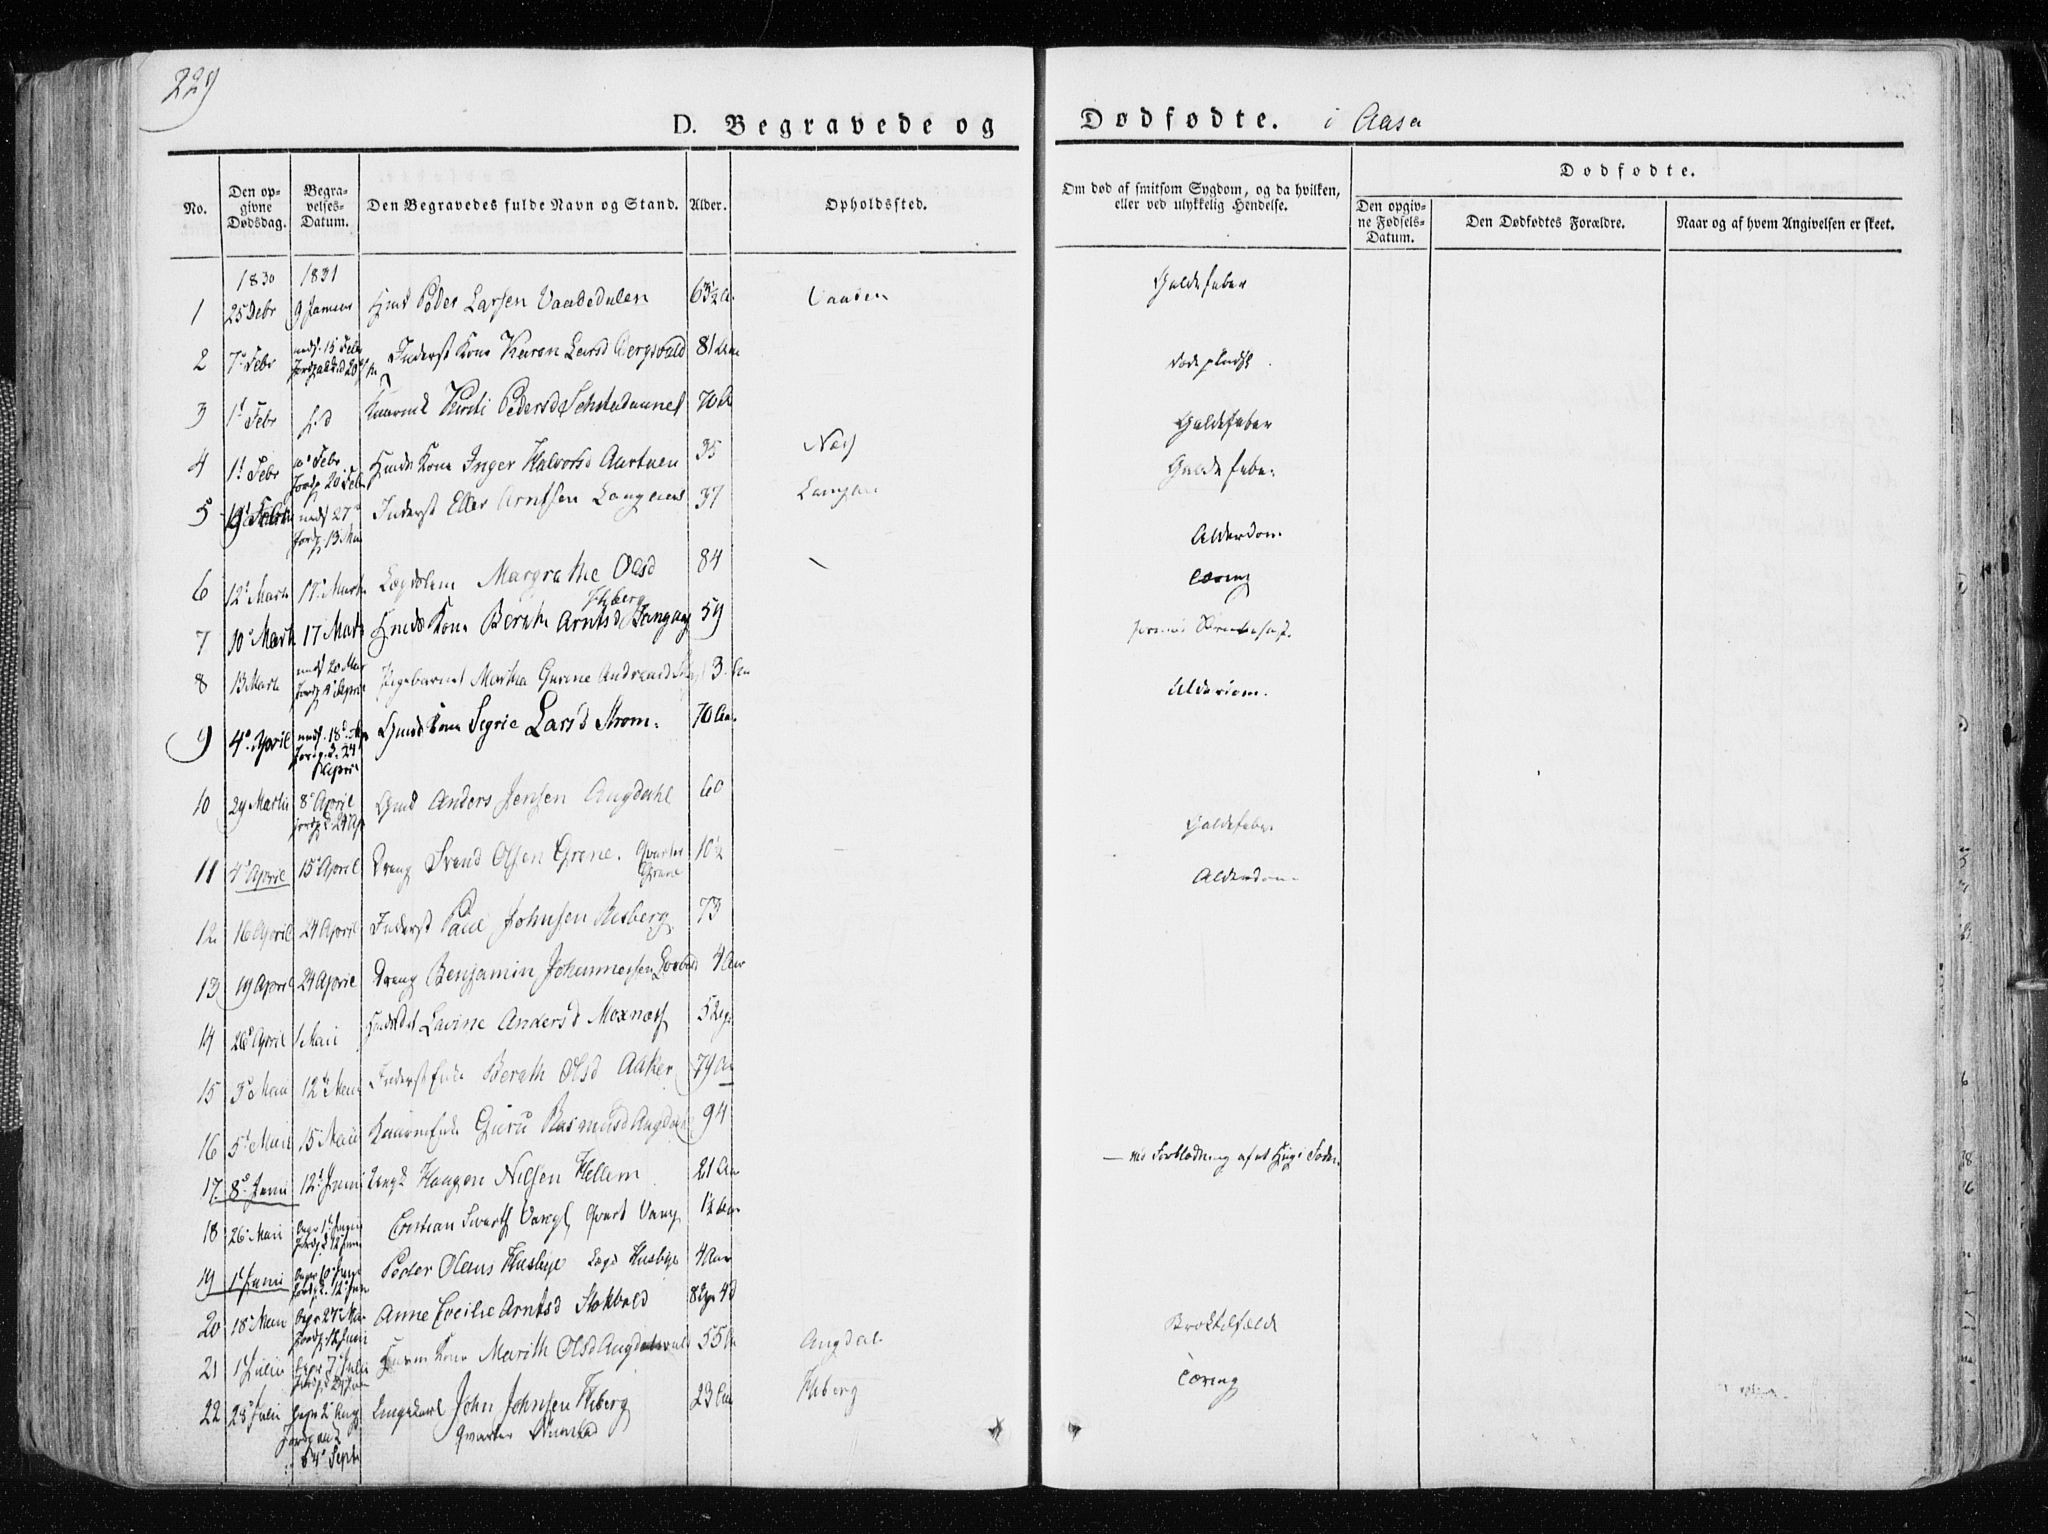 SAT, Ministerialprotokoller, klokkerbøker og fødselsregistre - Nord-Trøndelag, 713/L0114: Ministerialbok nr. 713A05, 1827-1839, s. 229